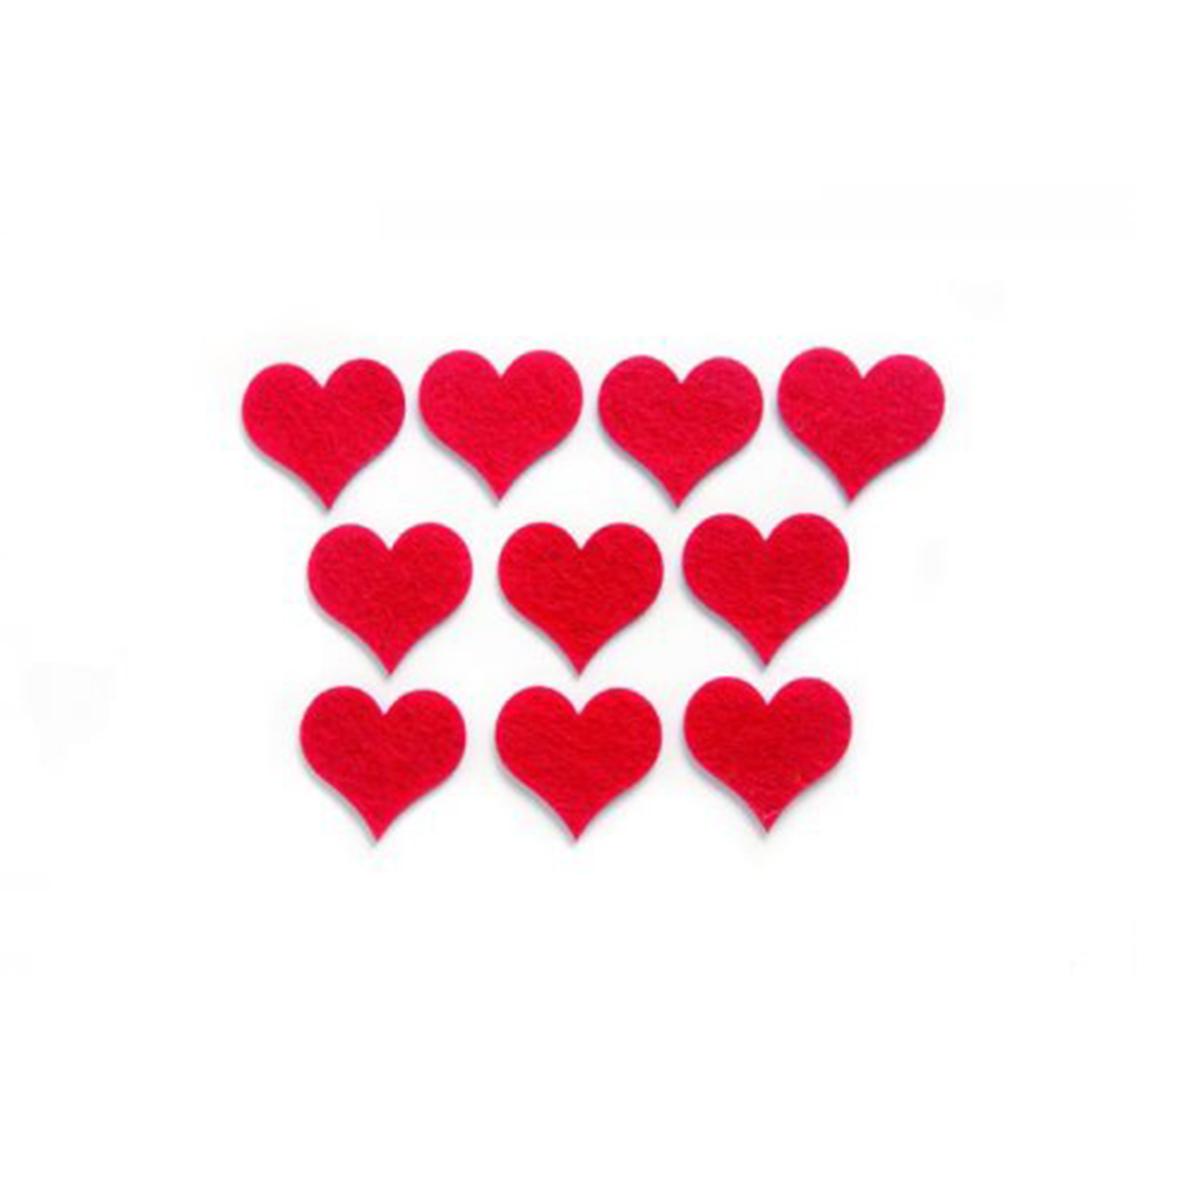 Фигурки из фетра Glorex Сердца, цвет: красный, 4 см, 10 шт318687Фетр пользуется большой популярностью среди рукодельниц. Его любят за эстетичный вид, практичность и отличную текстуру. Из данного материала вашему вниманию предлагаются заготовки Glorex. Широкое разнообразие цветов и форм поможет реализовать творческие задумки и гармоничным образом дополнить ваше творение. Из фетра можно создавать обложки для книг, ежедневников, игрушки, декоративные чехлы для подушек и многое, многое другое.